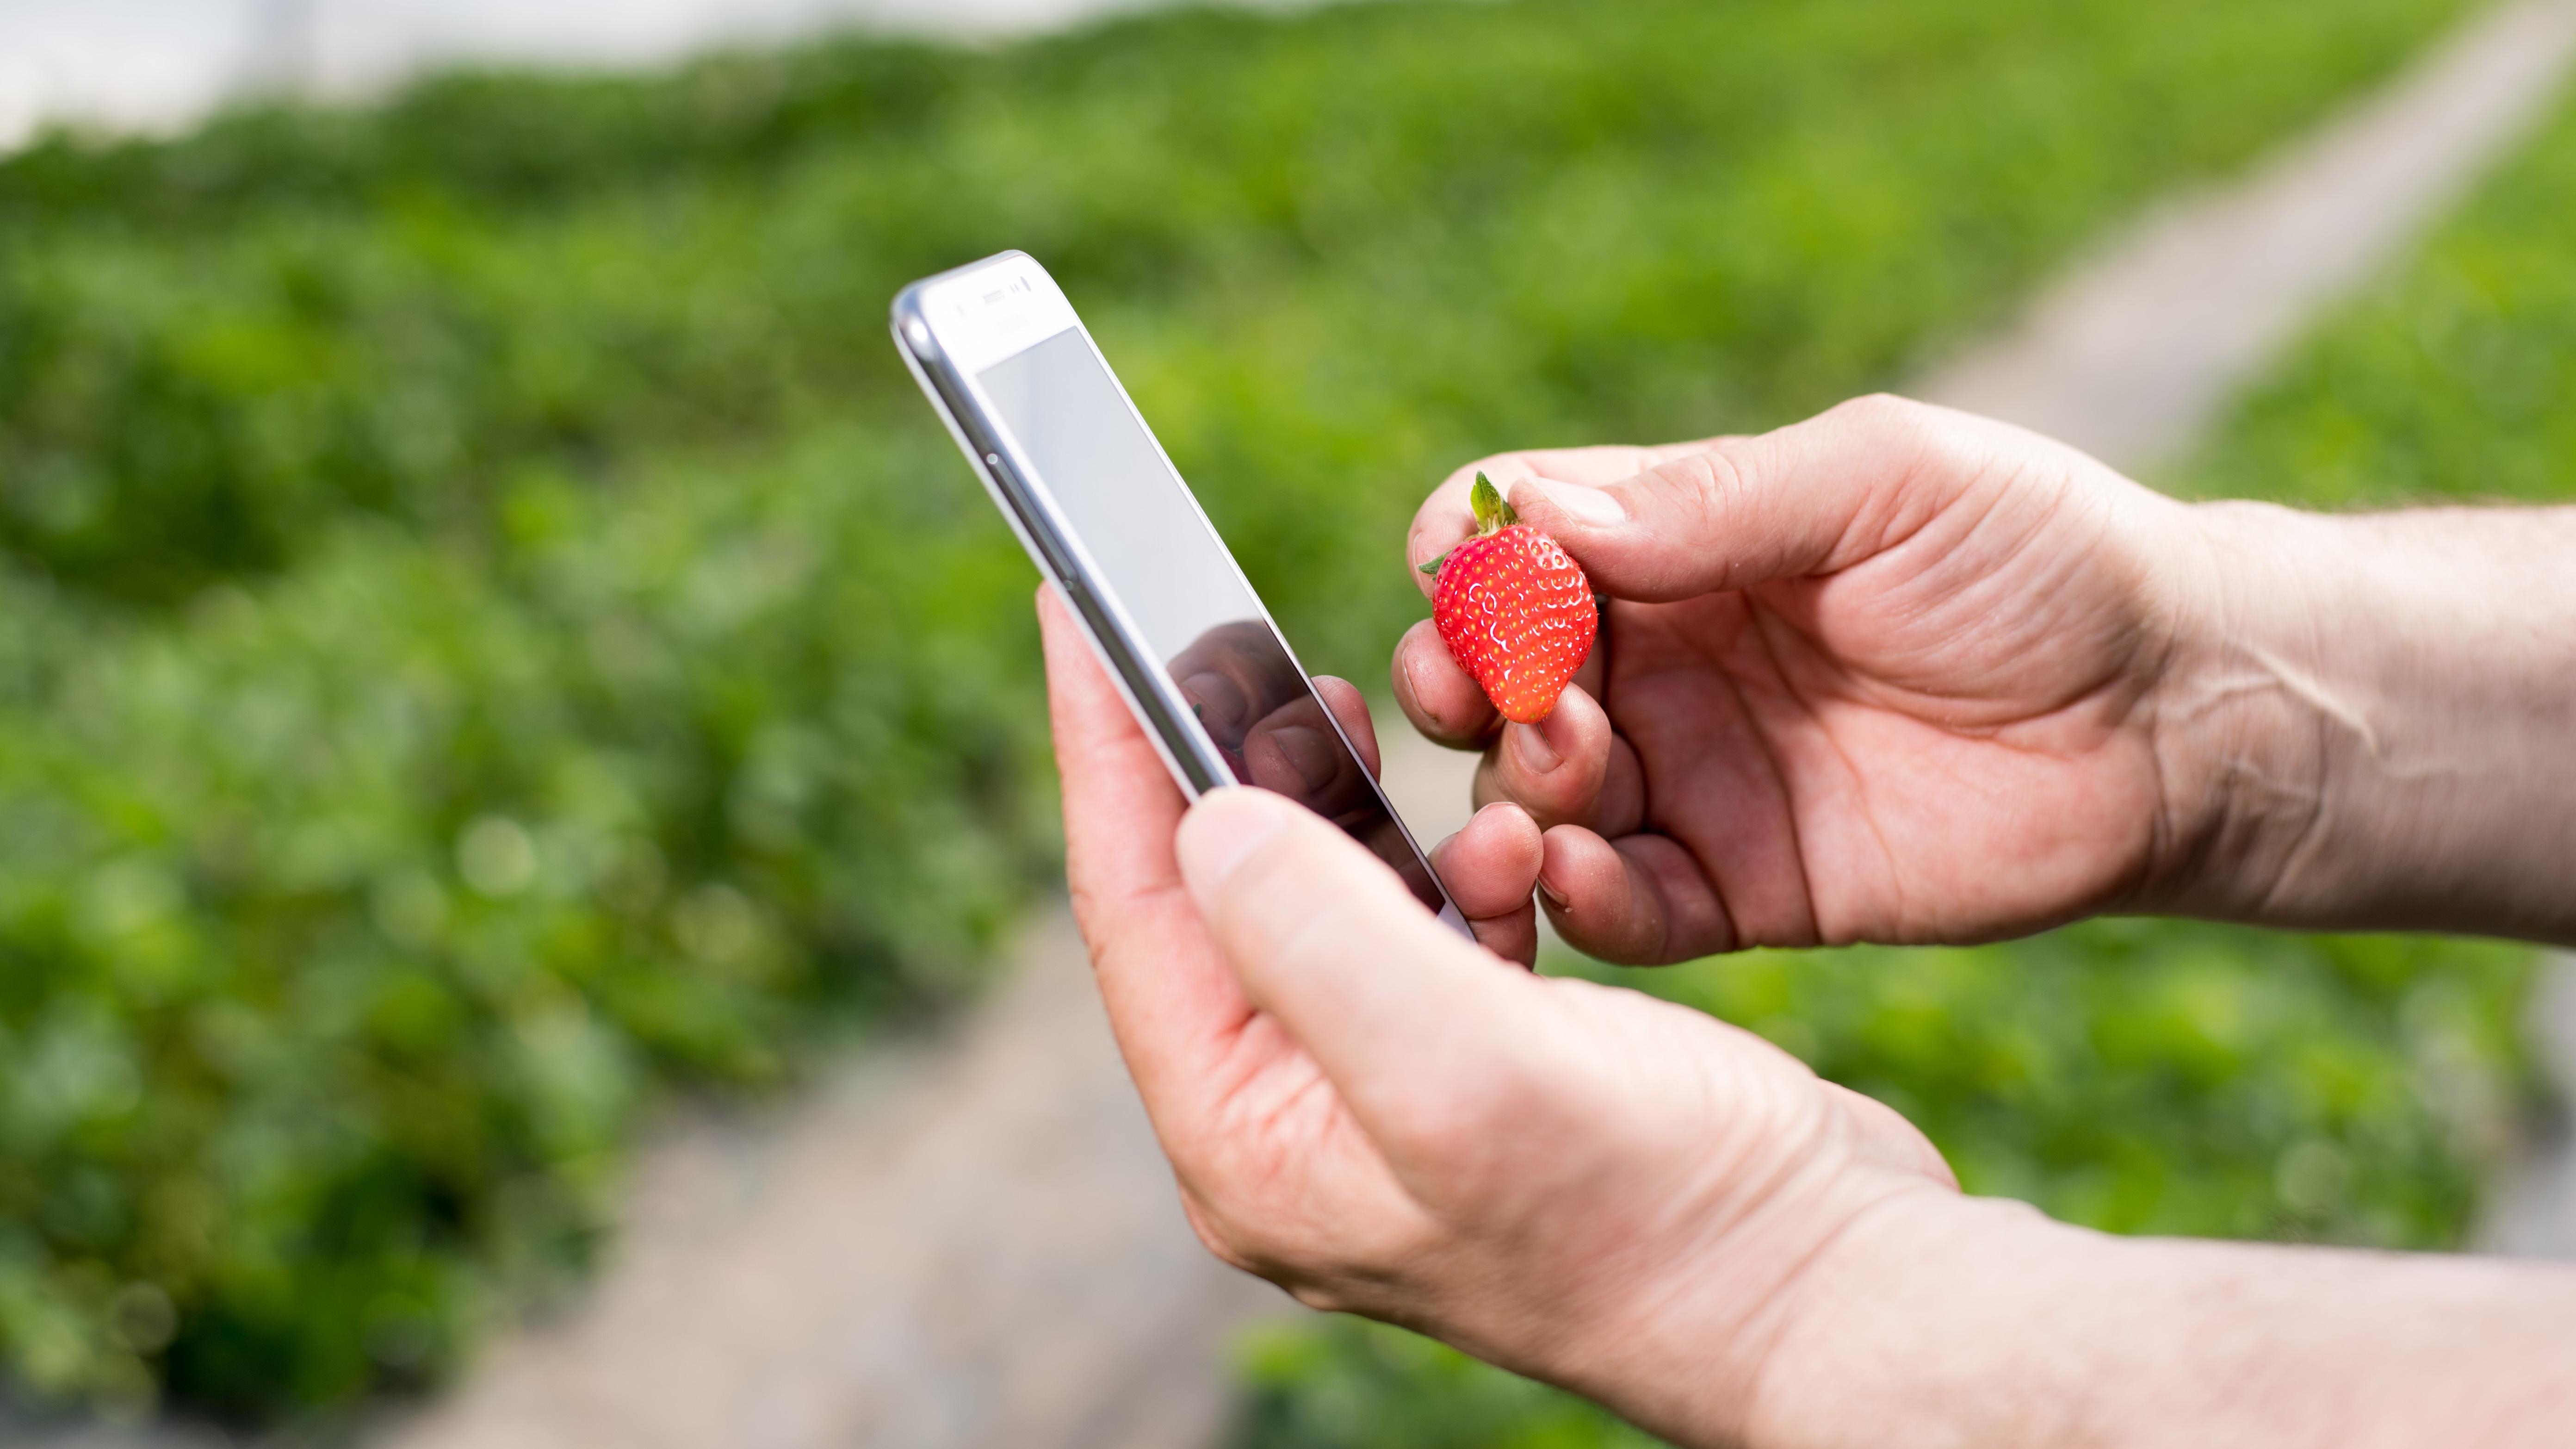 Mit dem Smartphone das Feld überwachen